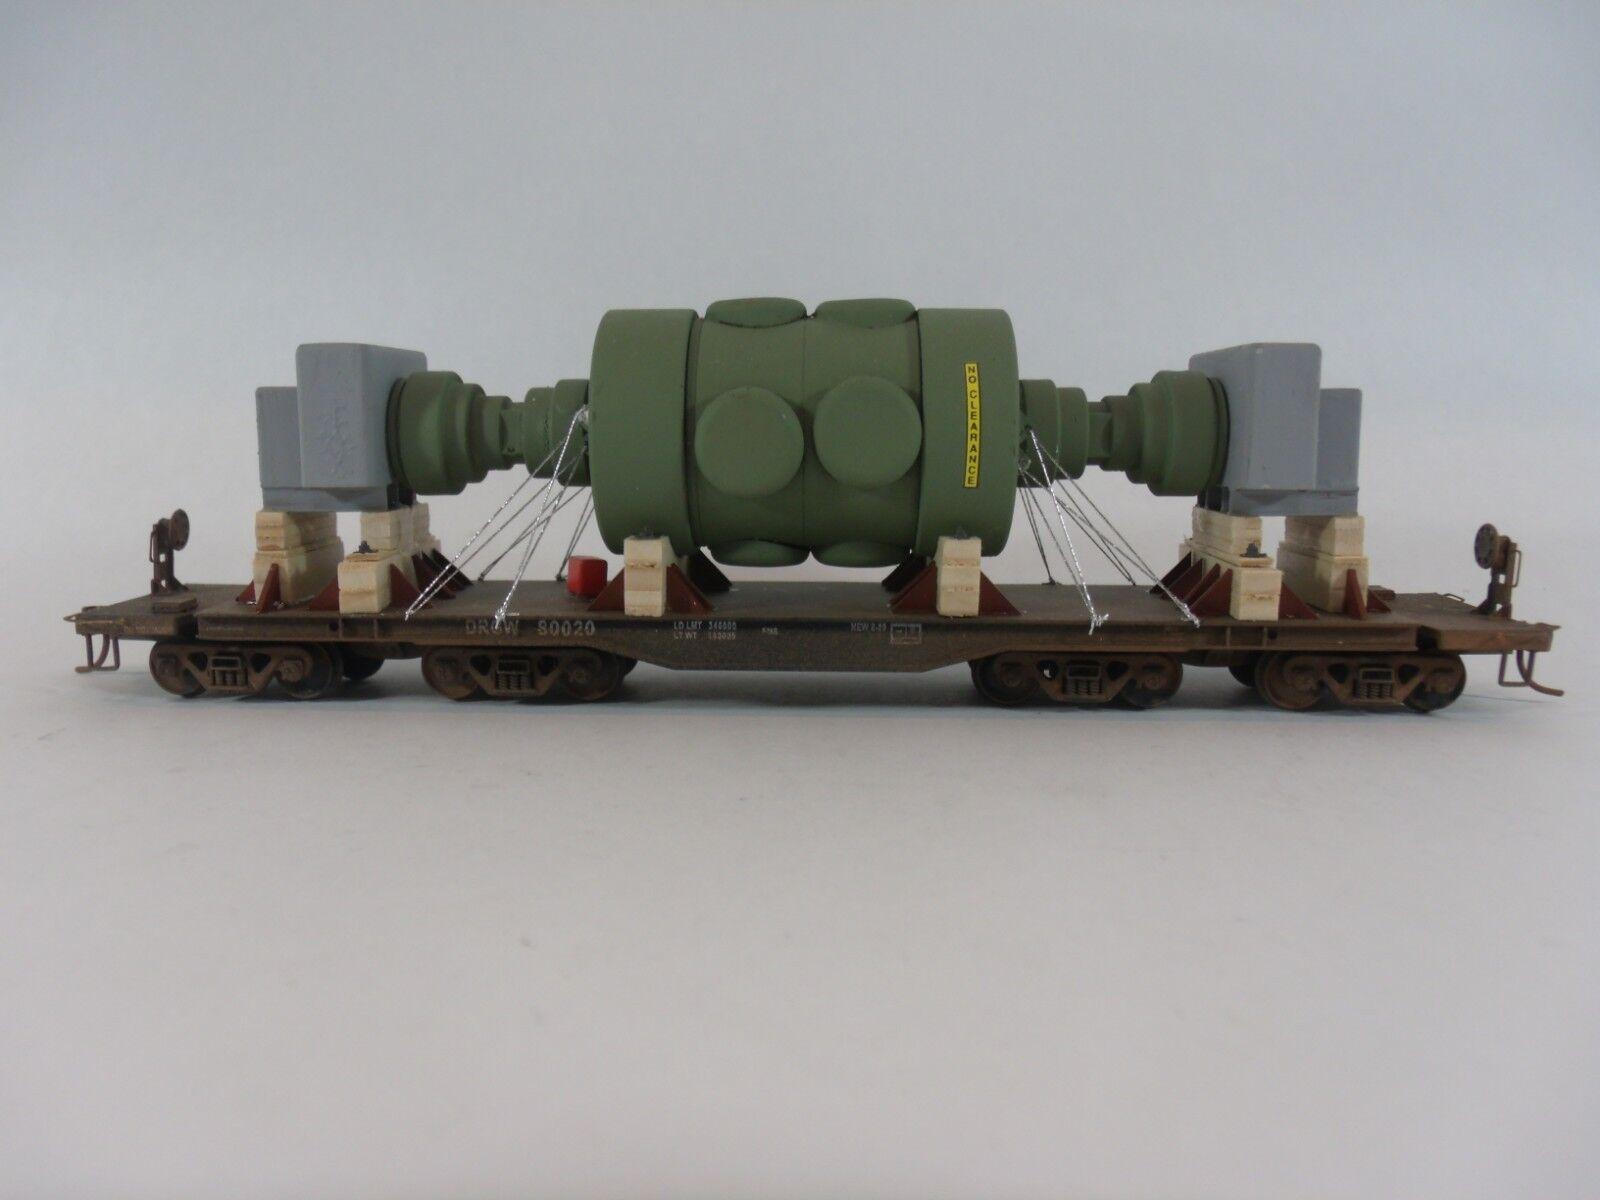 Intustrial       --   TUMBLER  -    Custom Load